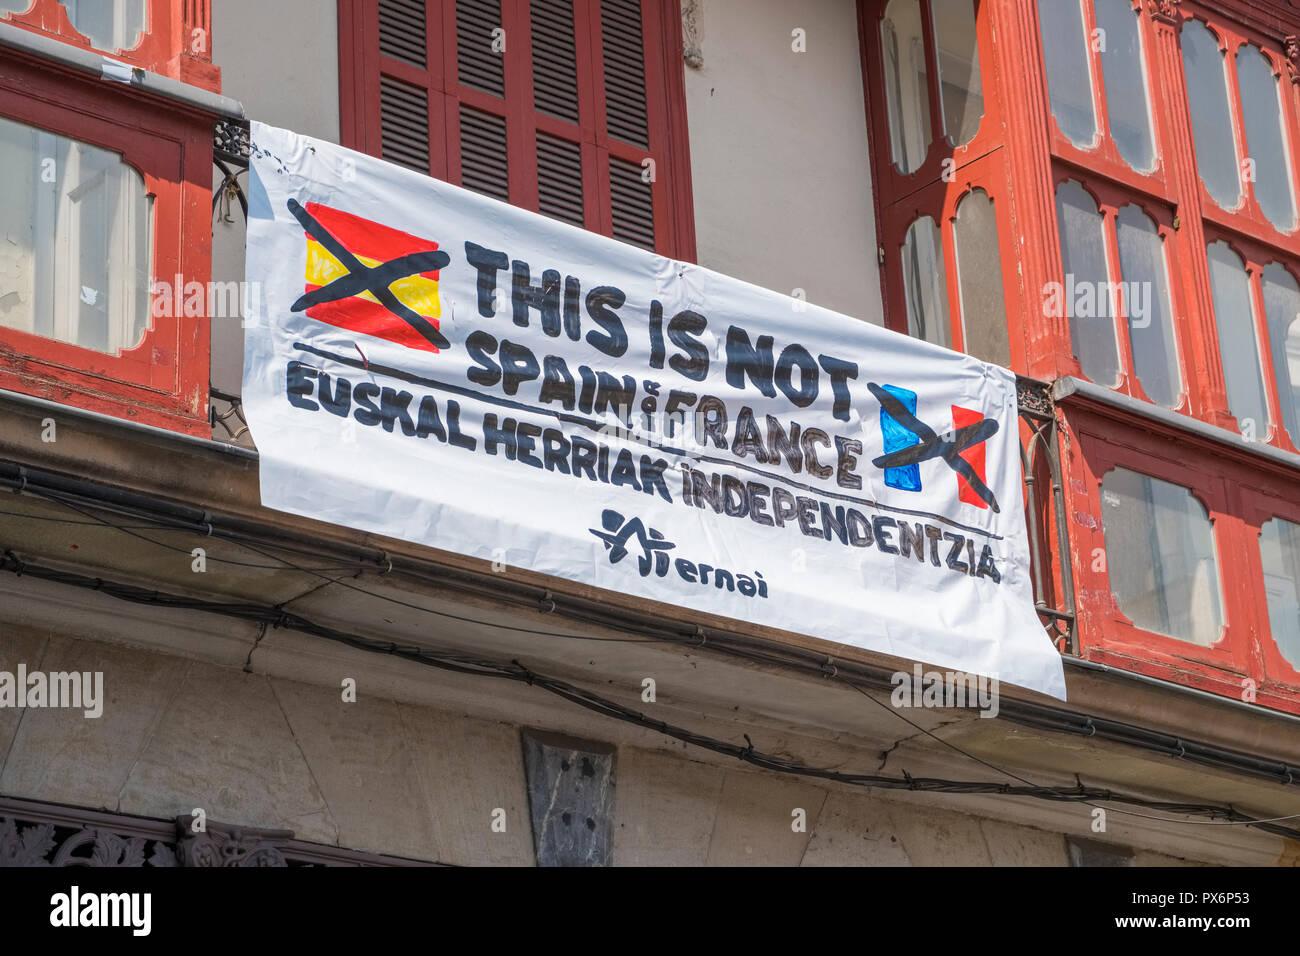 Baskische Unabhängigkeit banner Zeichen in der Altstadt, Bilbao, Spanien, Europa Stockbild